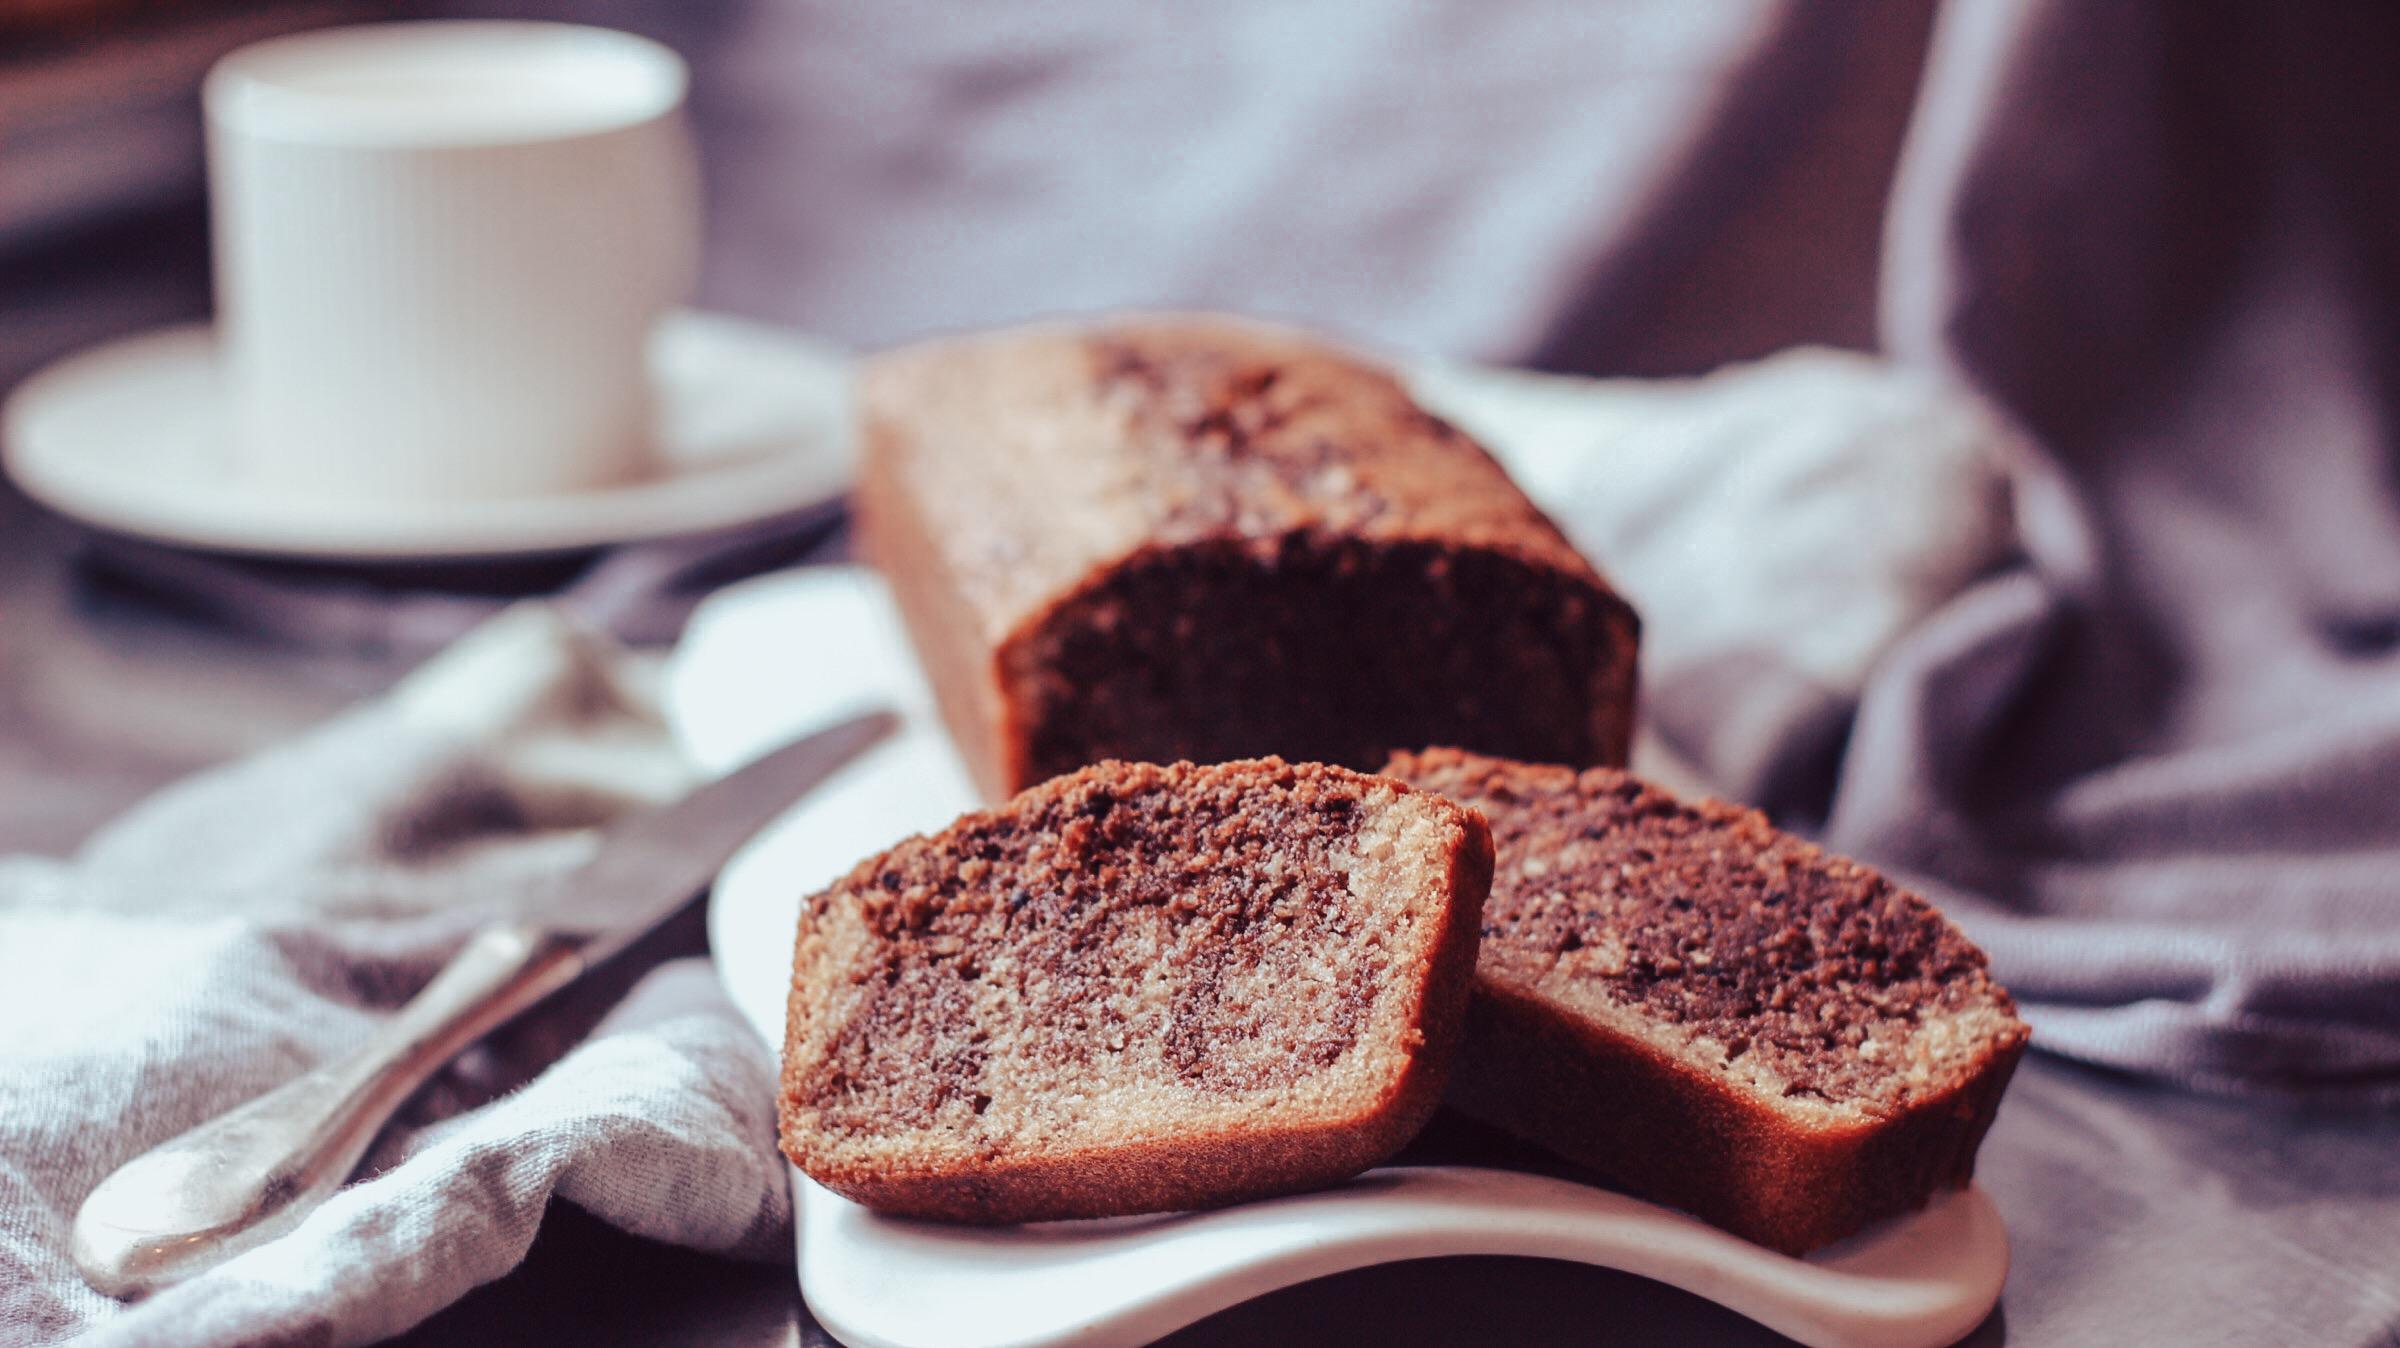 Voici ma recette du cake marbré sans gluten, une touche de chocolat, et moelleux à souhait.